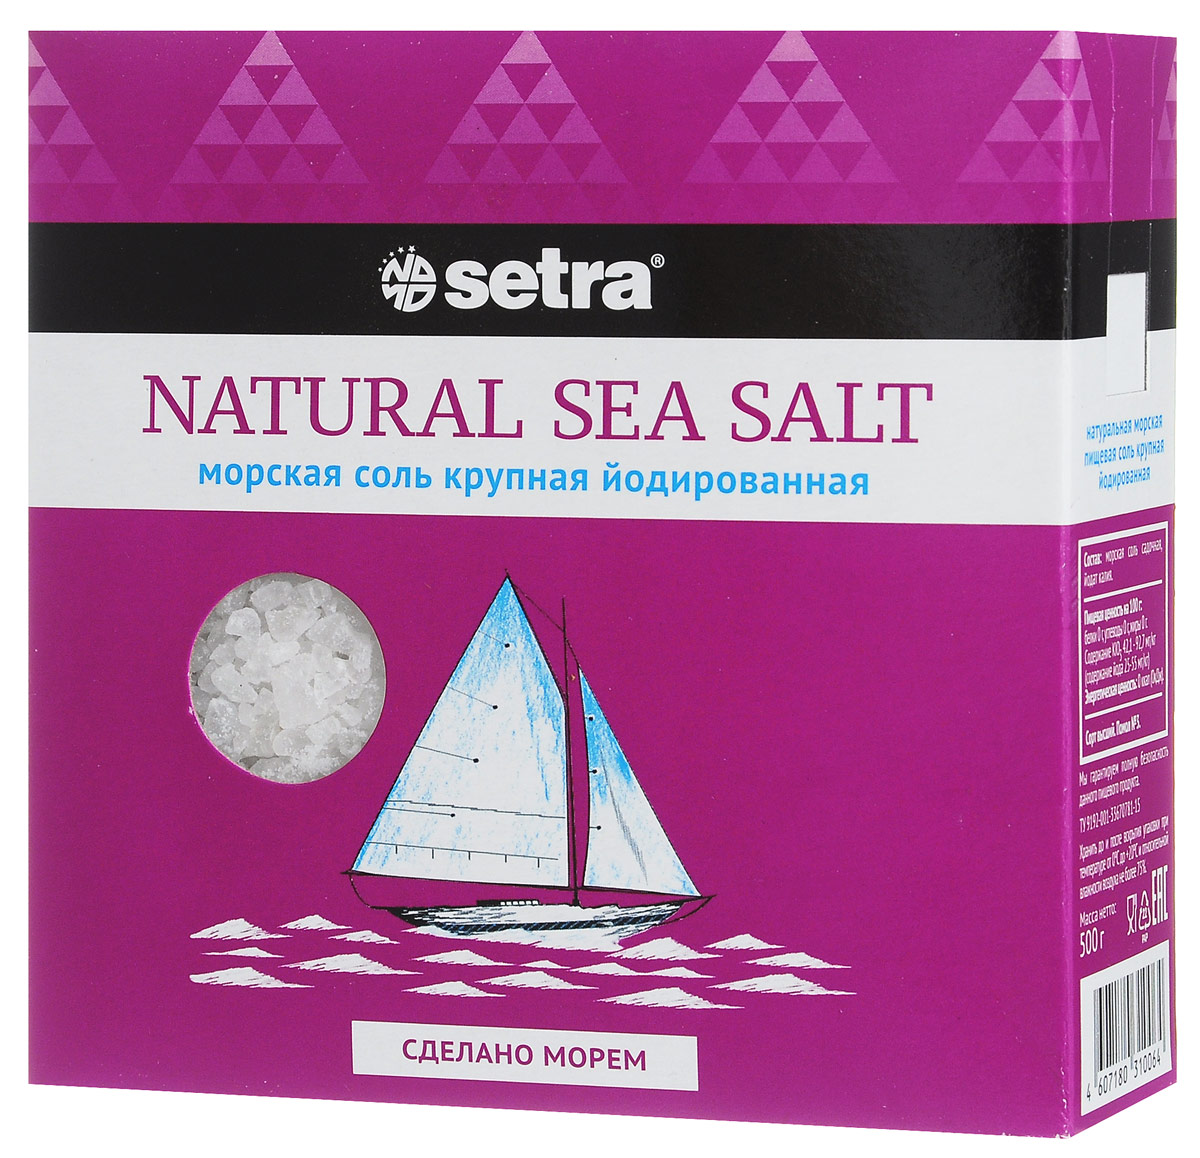 Setra соль морская крупная йодированная, 500 гбте003Морскую соль Setra получают из вод Адриатического моря уже более 700 лет старым, естественным, экологически чистым способом: выпариванием морской воды на солнце. В отличие от каменной соли, морская соль содержит больше ионов магния, калия, йода, кальция, фтора, а также других морских минералов, что, помимо ощутимой пользы для организма, придаст вашим блюдам особый изысканный вкус.